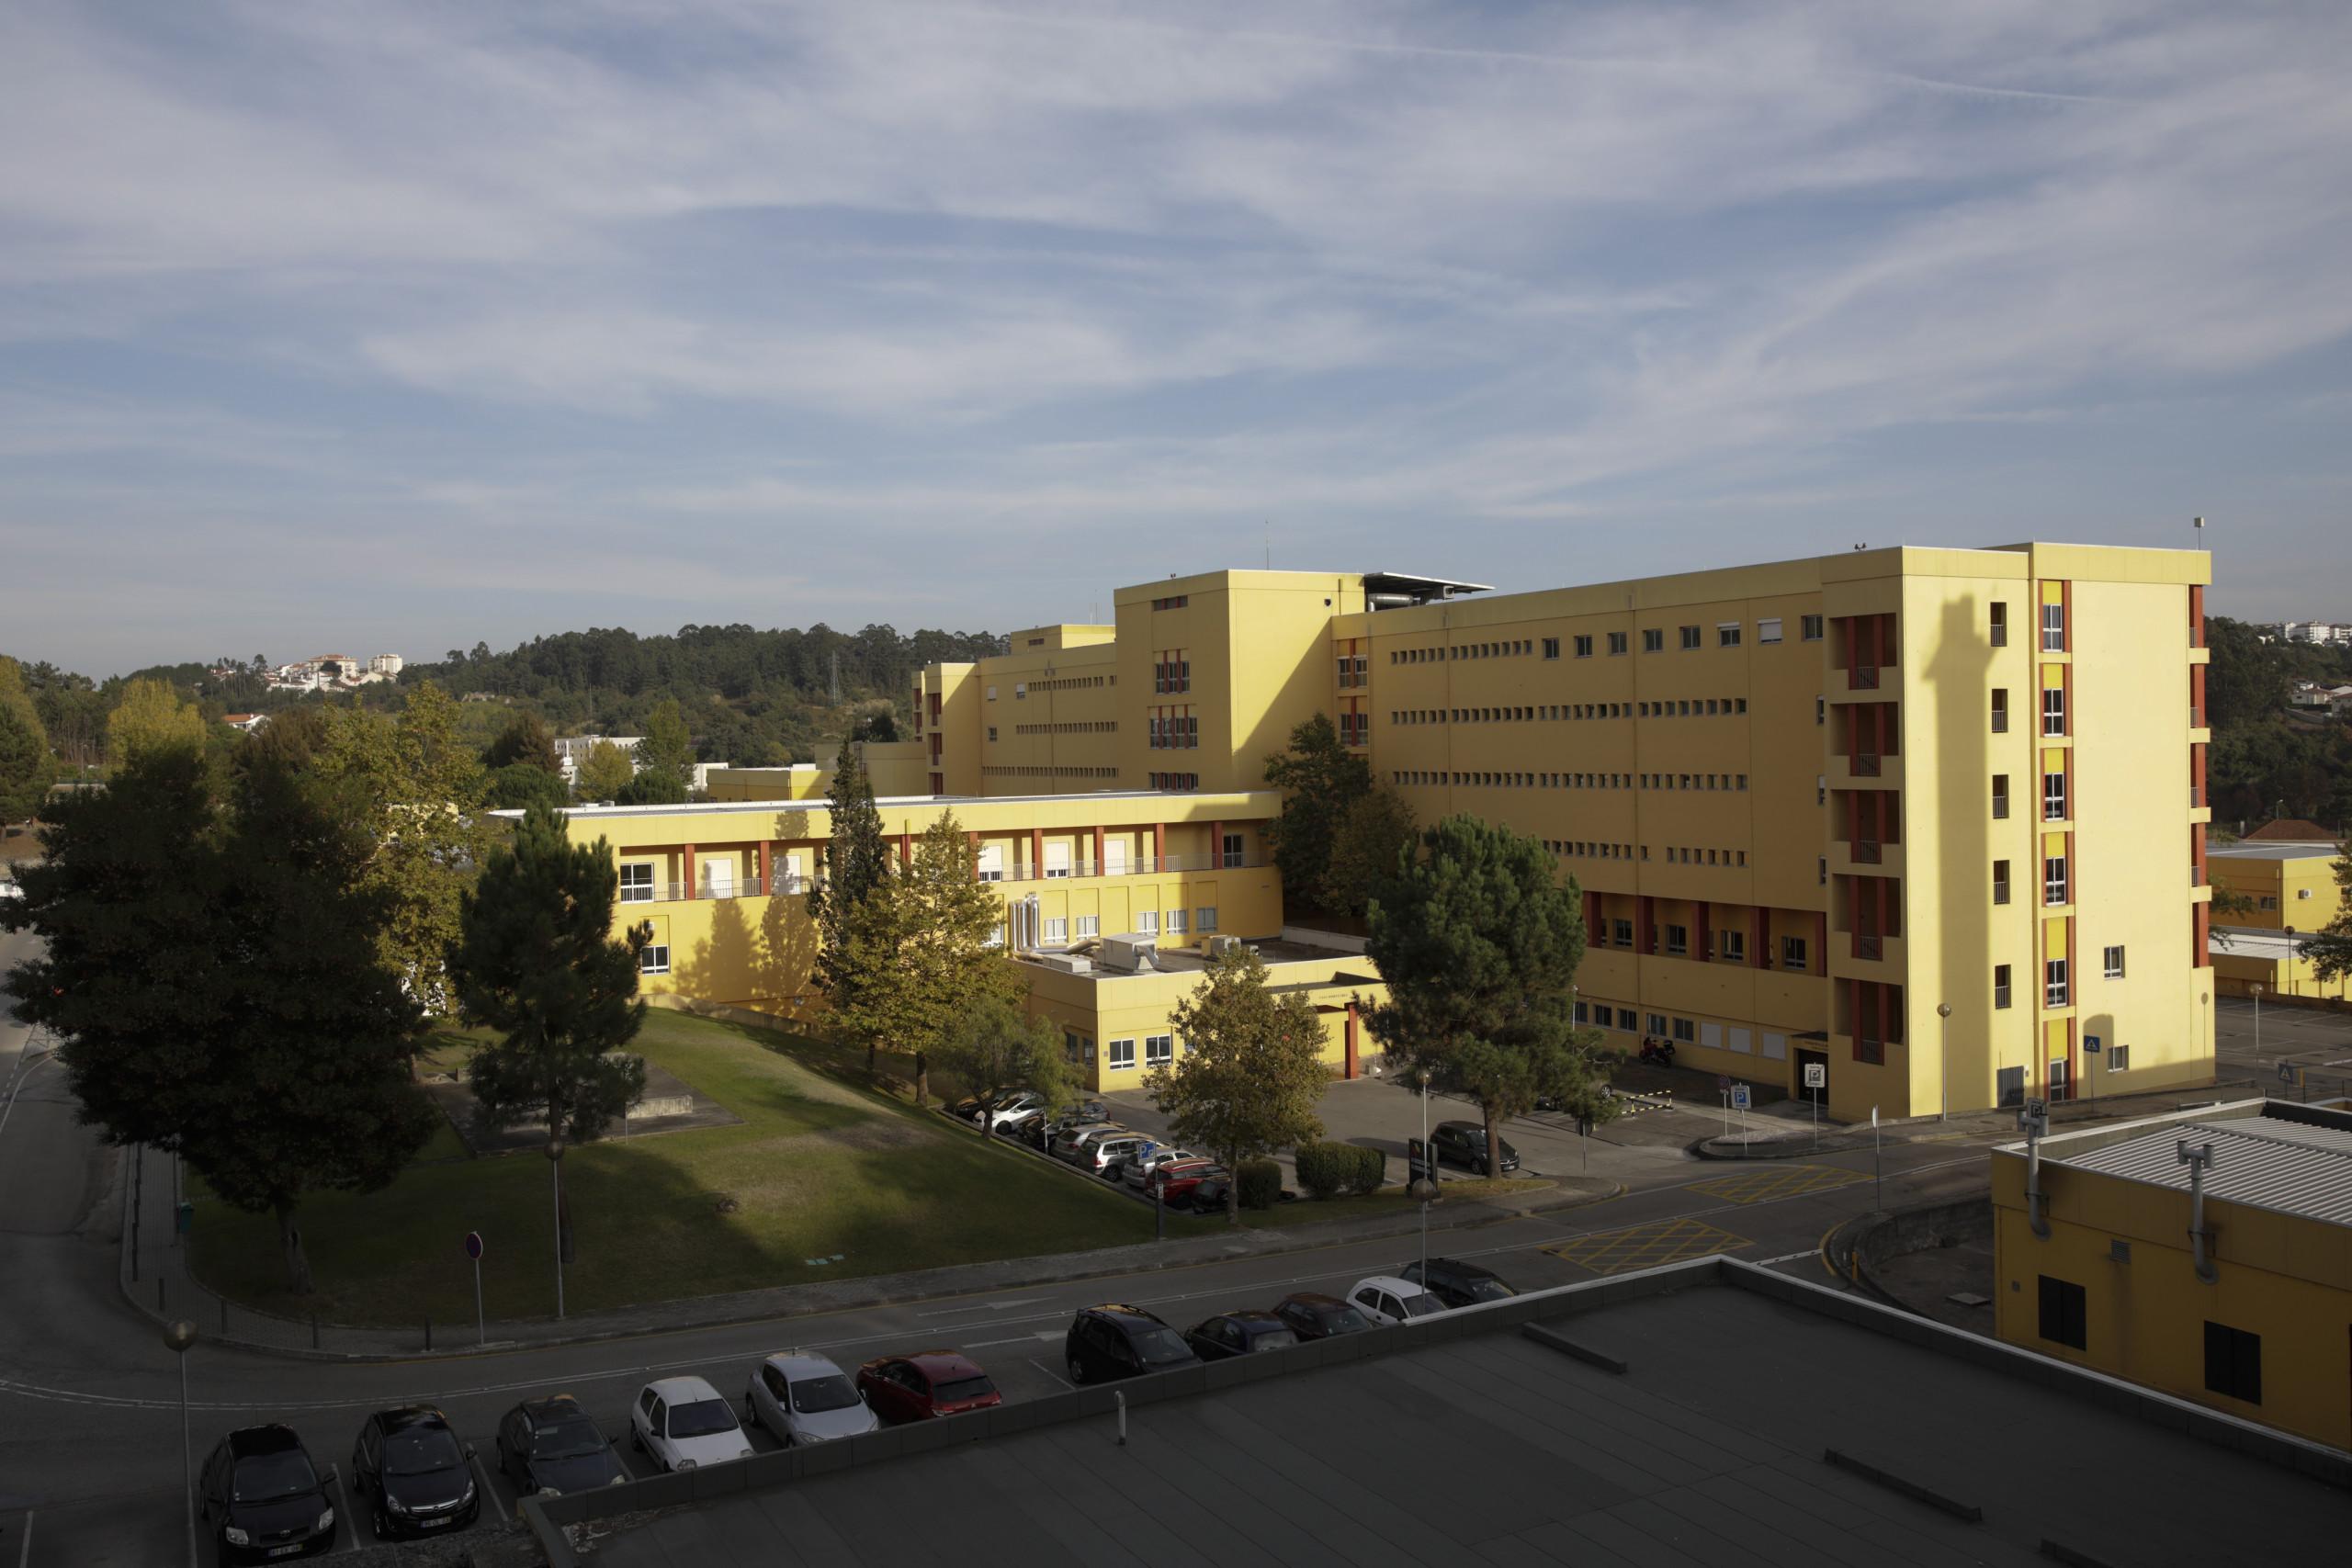 Chefes de equipa de Medicina Interna no hospital de Leiria demitem-se